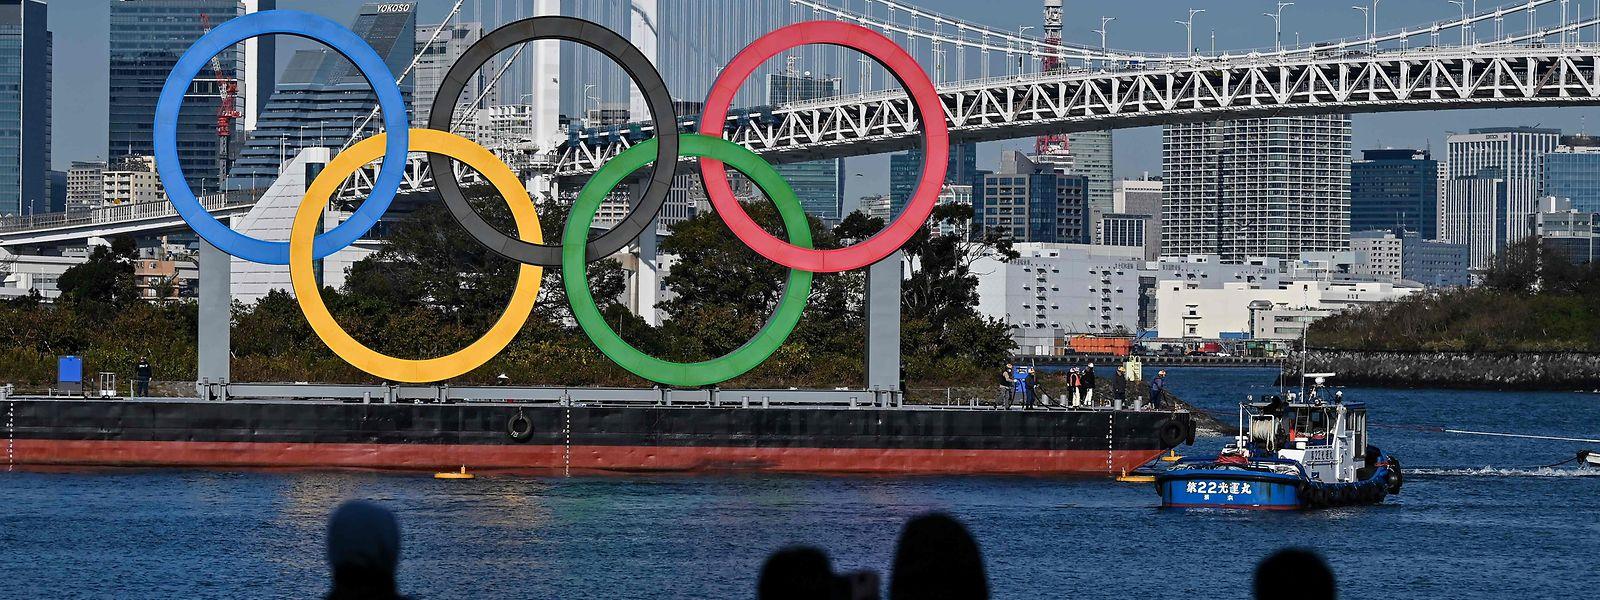 Die Ringe sind ganz in der Nähe der Rainbow Bridge (im Hintergrund) angebracht. Die Olympischen Spiele sollen im Sommer in Tokio über die Bühne gehen.